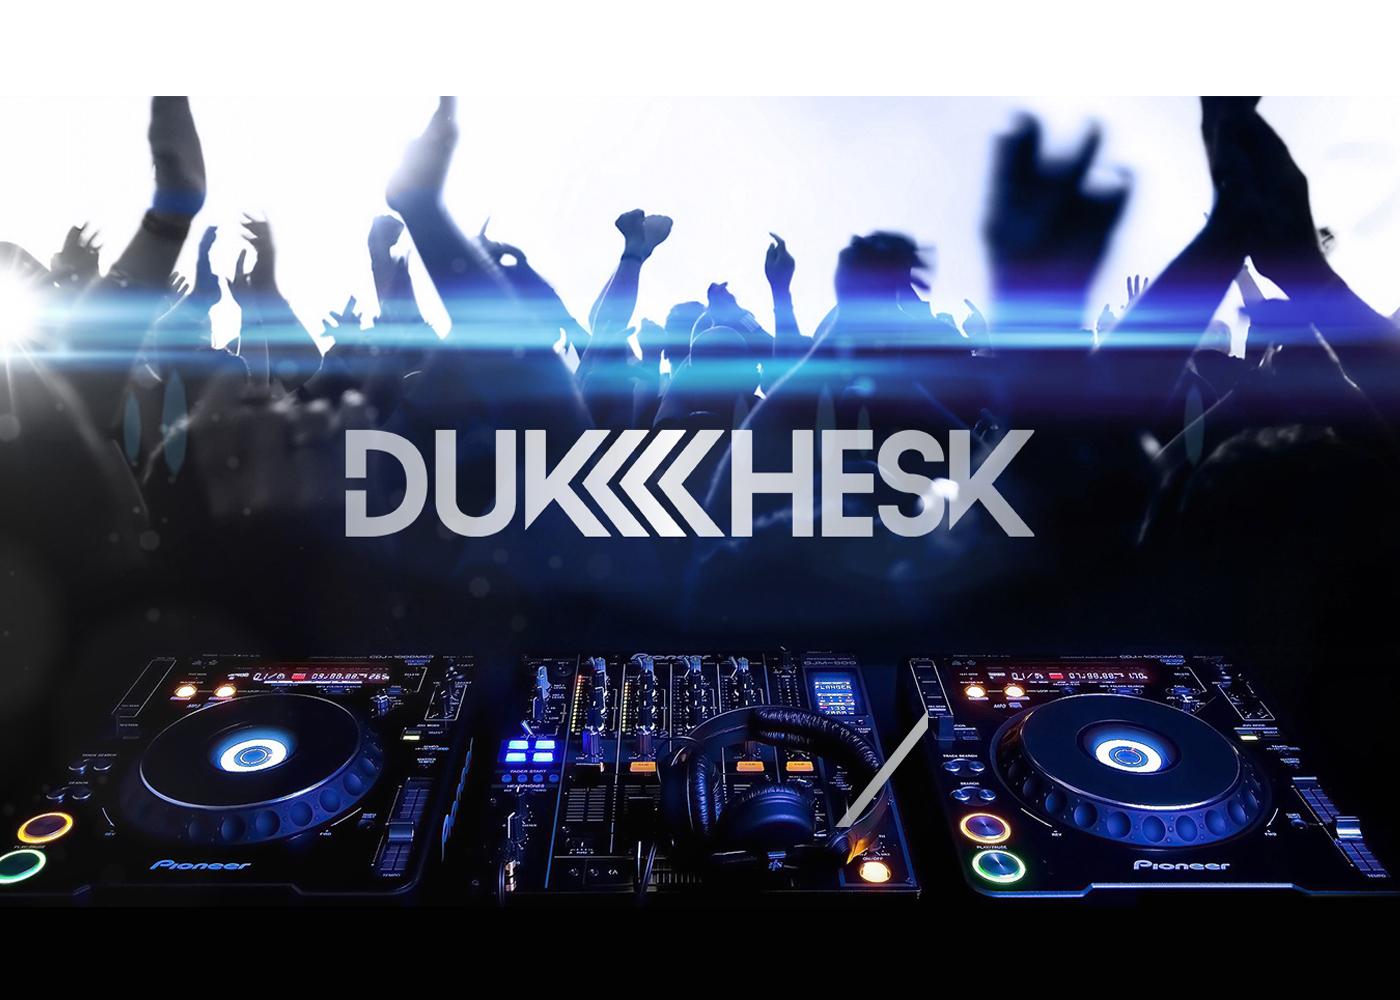 DUK CHESK